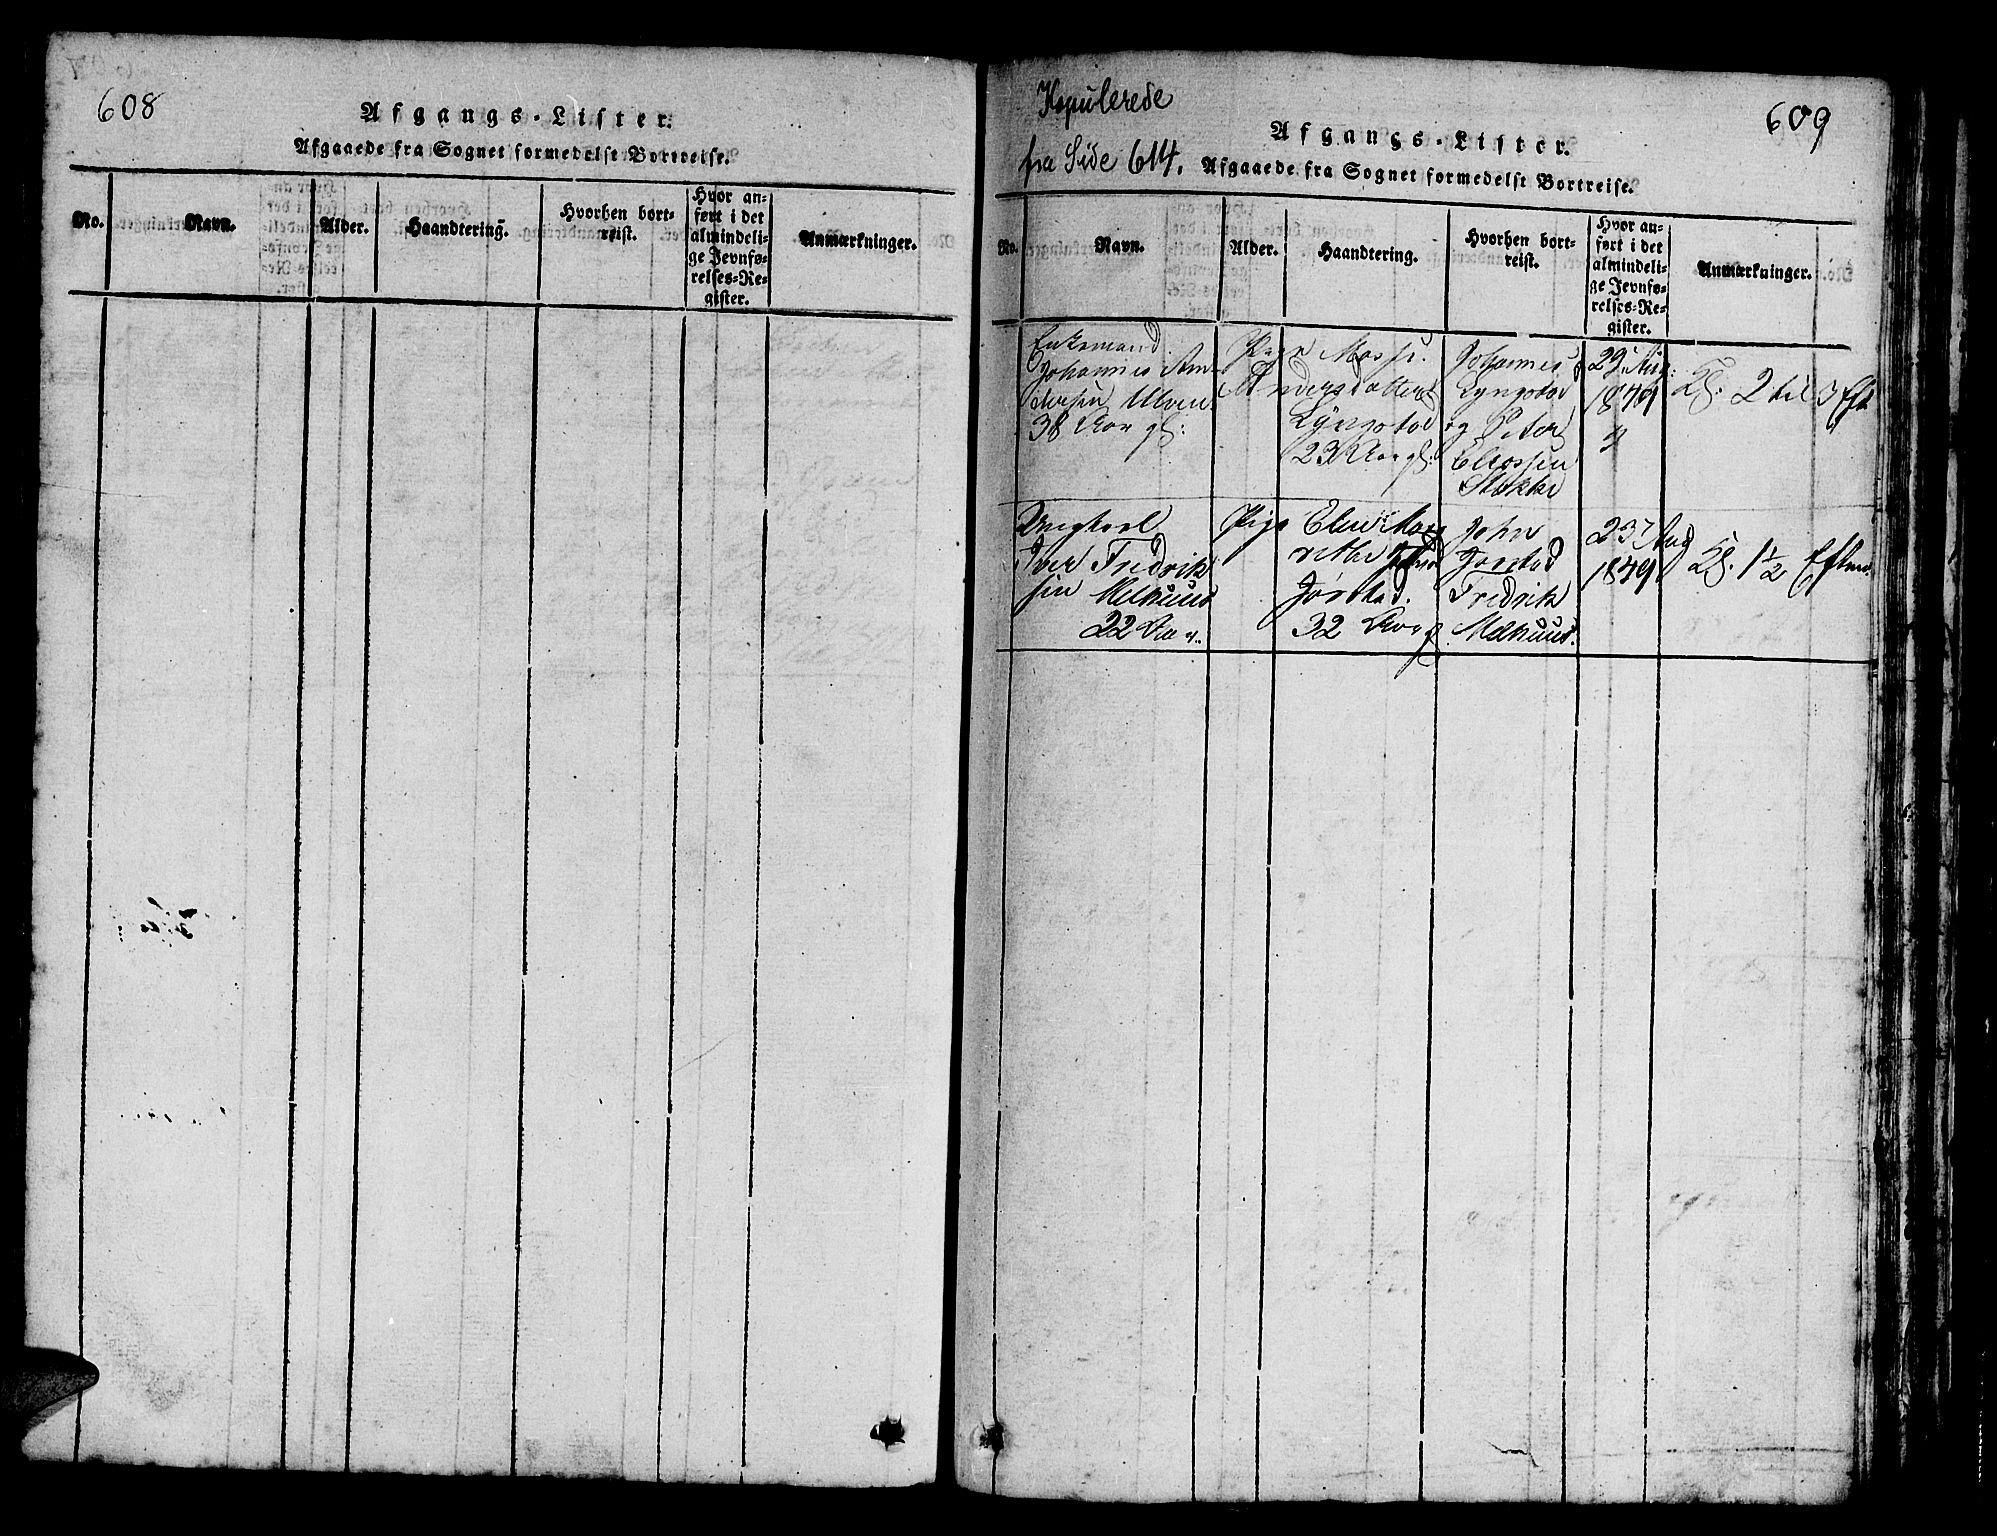 SAT, Ministerialprotokoller, klokkerbøker og fødselsregistre - Nord-Trøndelag, 730/L0298: Klokkerbok nr. 730C01, 1816-1849, s. 608-609